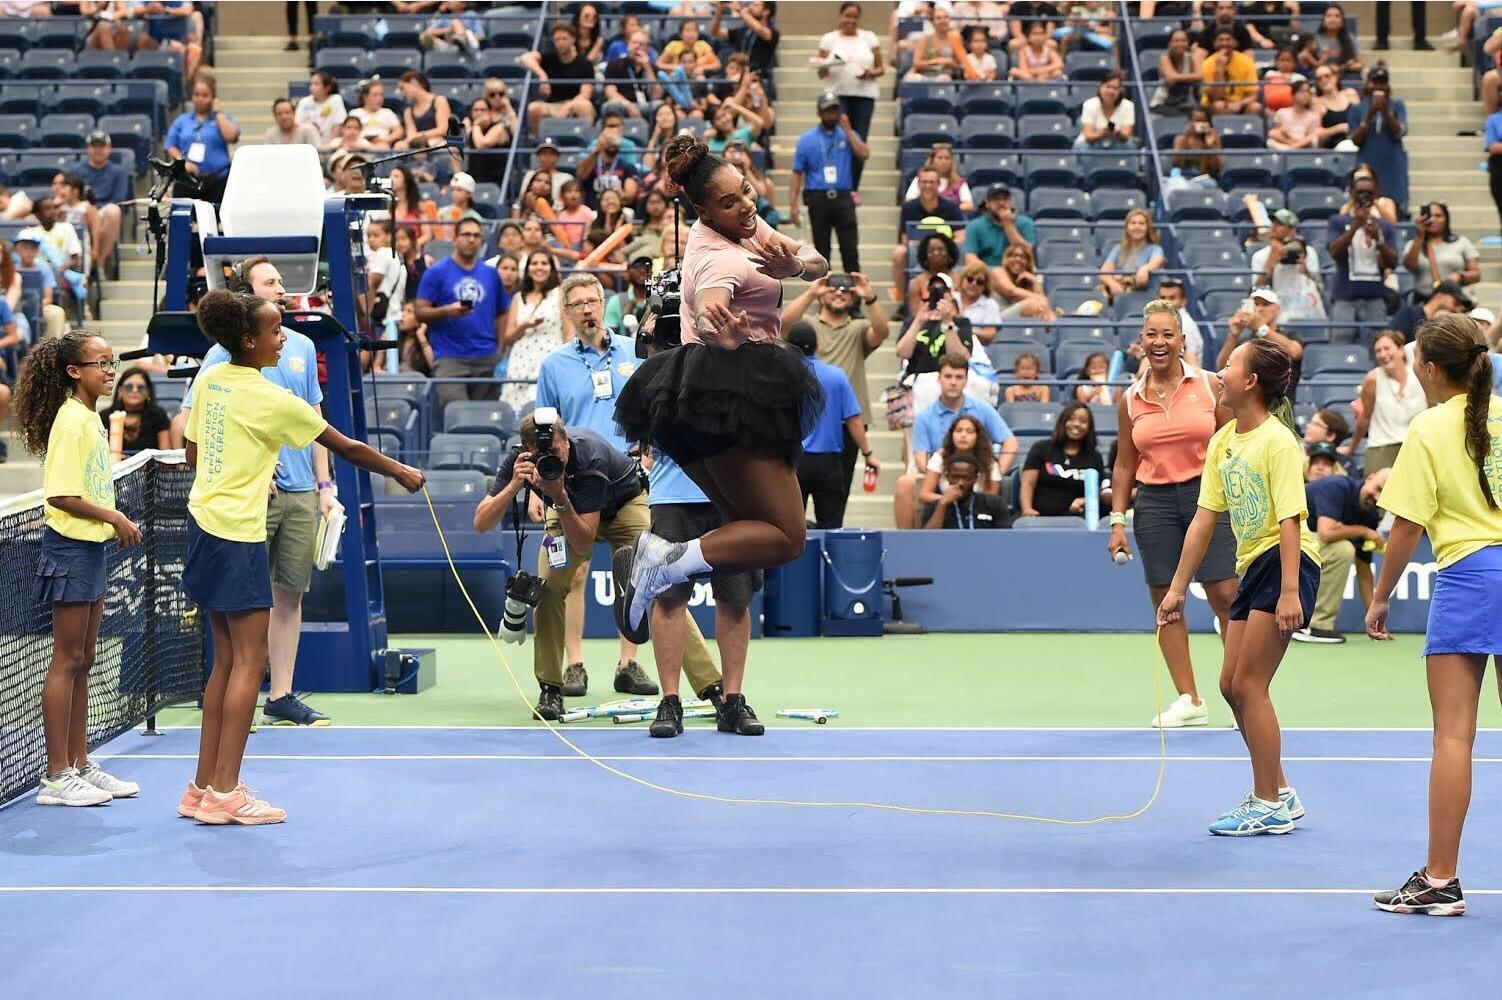 На US Open Уильямс будет выступать в костюме, на создание которого модельеров вдохновил балет